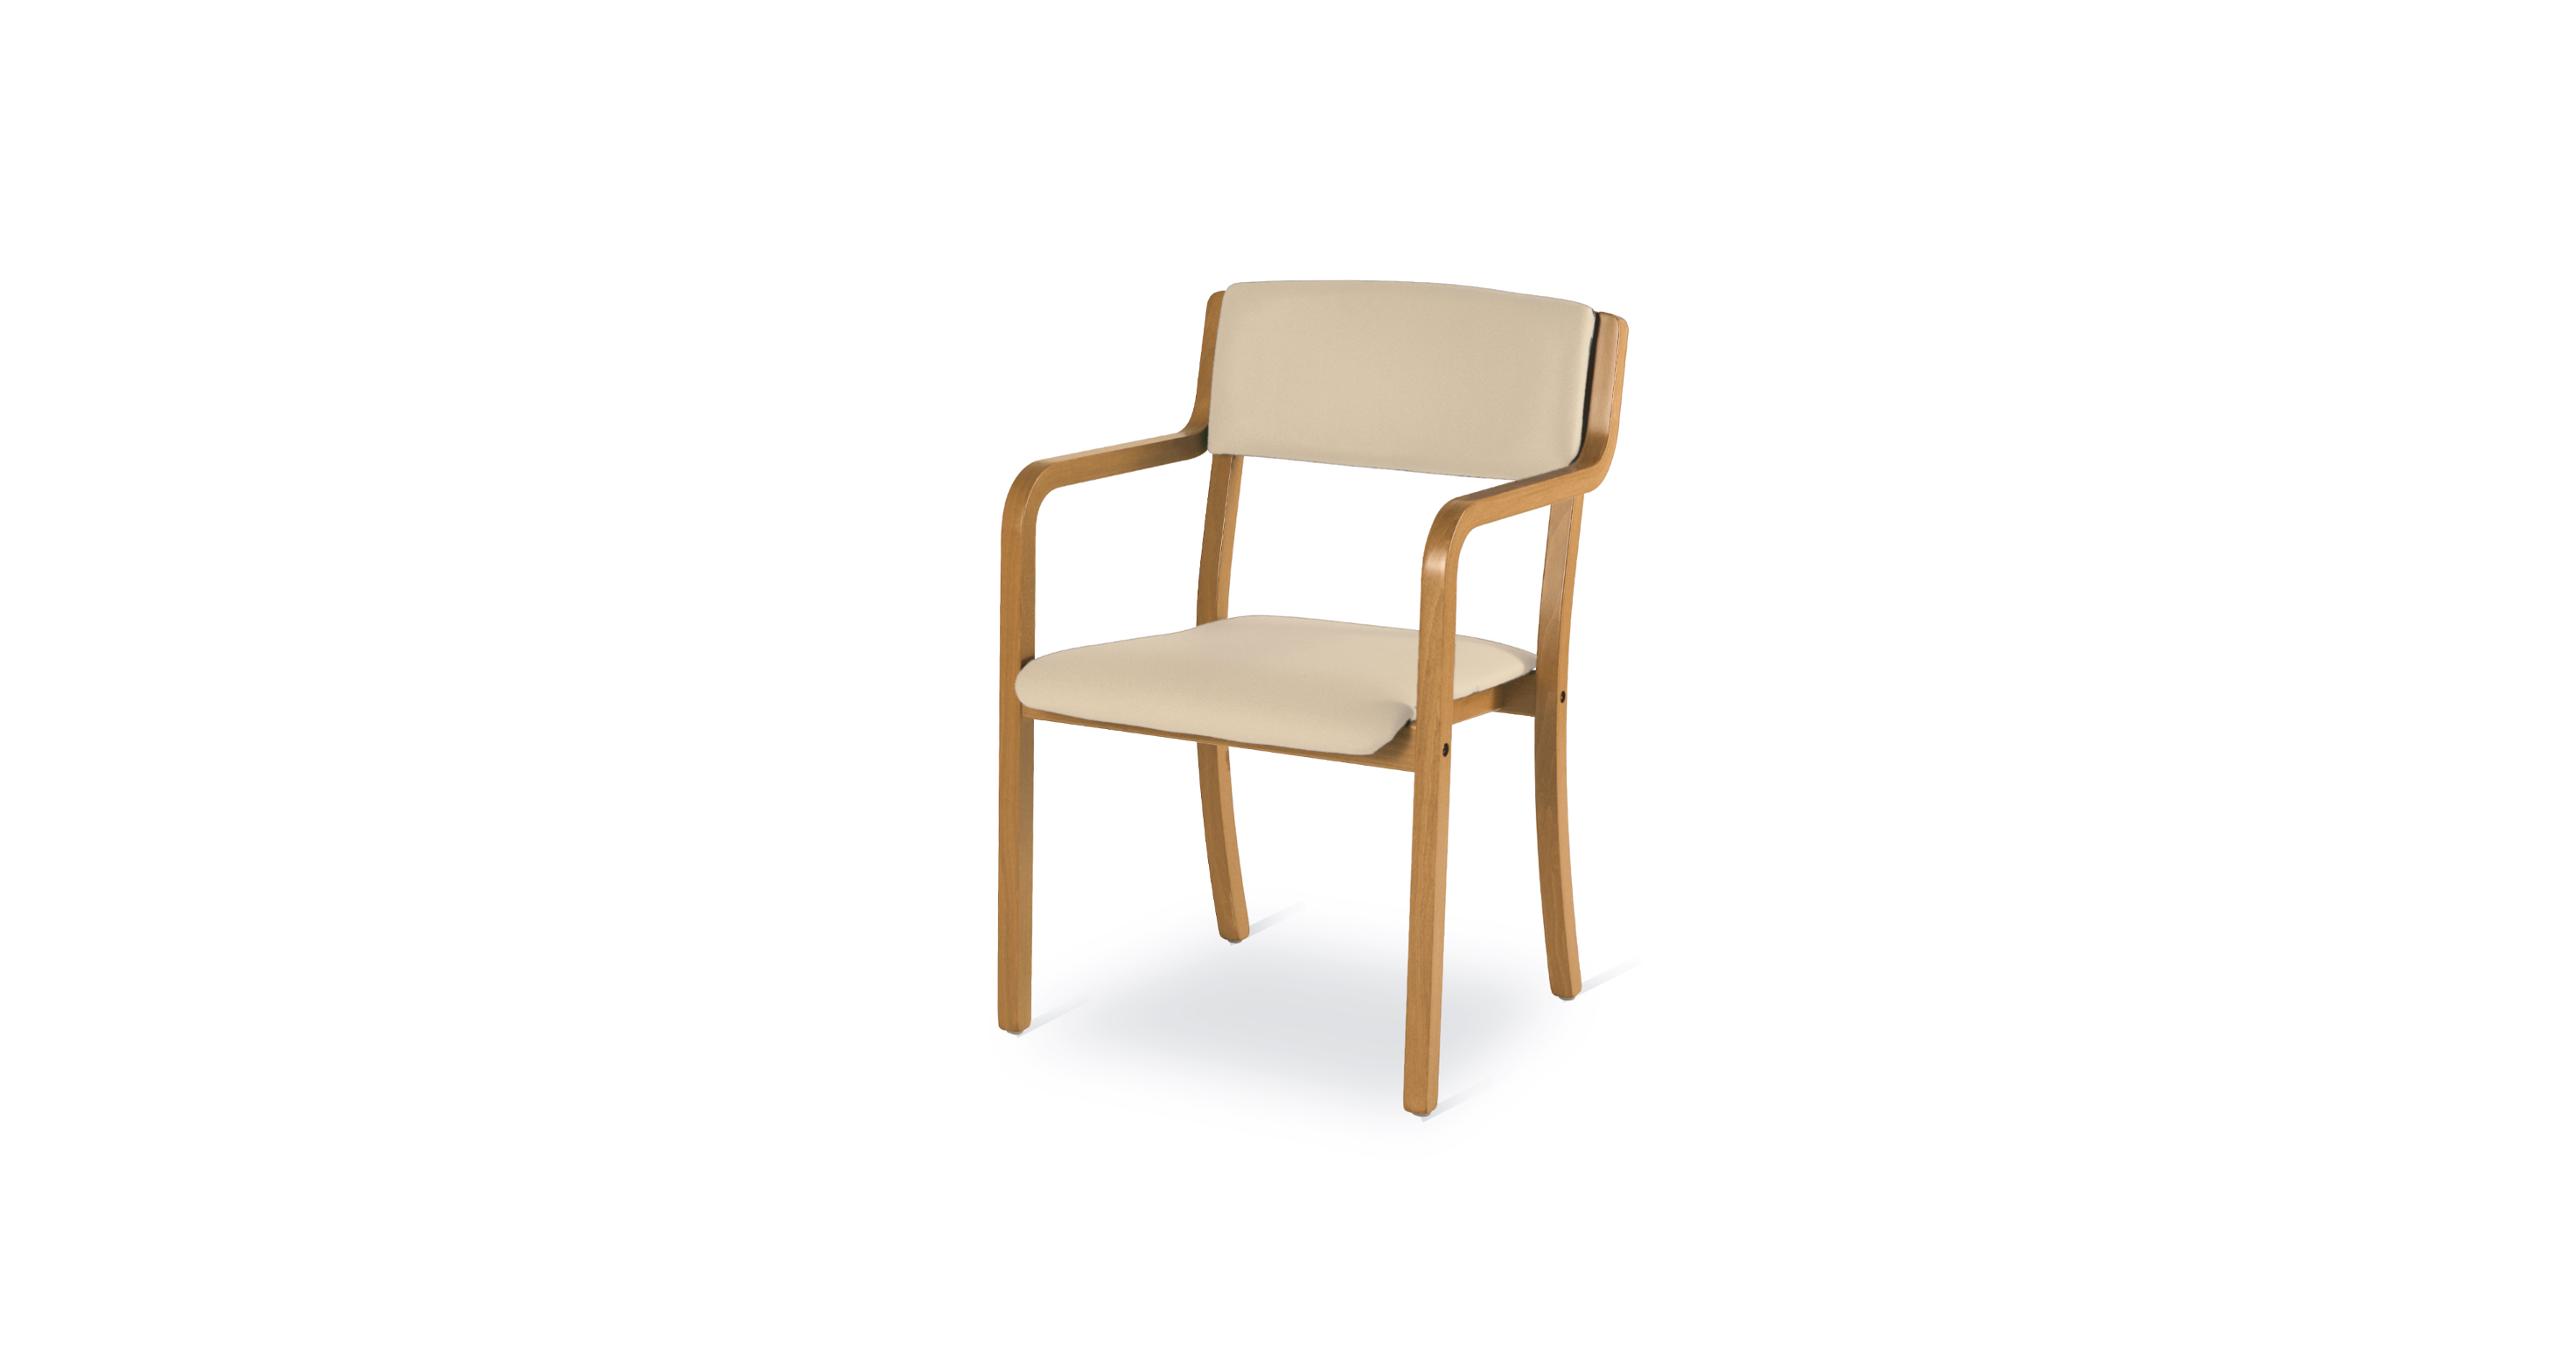 Sedute Per Sedie Di Legno.Sedia In Legno Con Braccioli Seduta E Schienale Imbottiti E